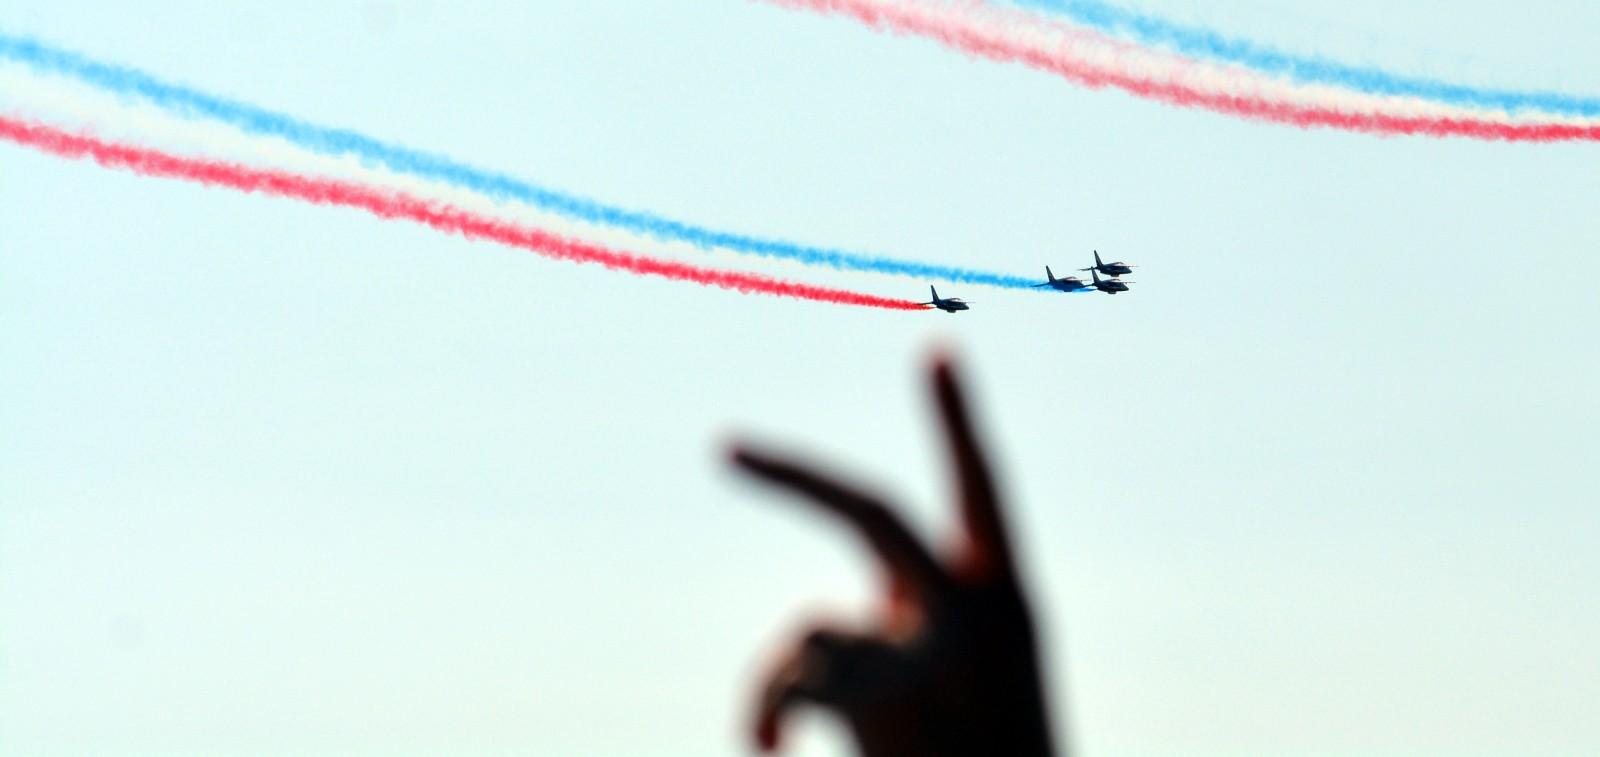 La Patrouille de France ! Que la Patrouille de France !